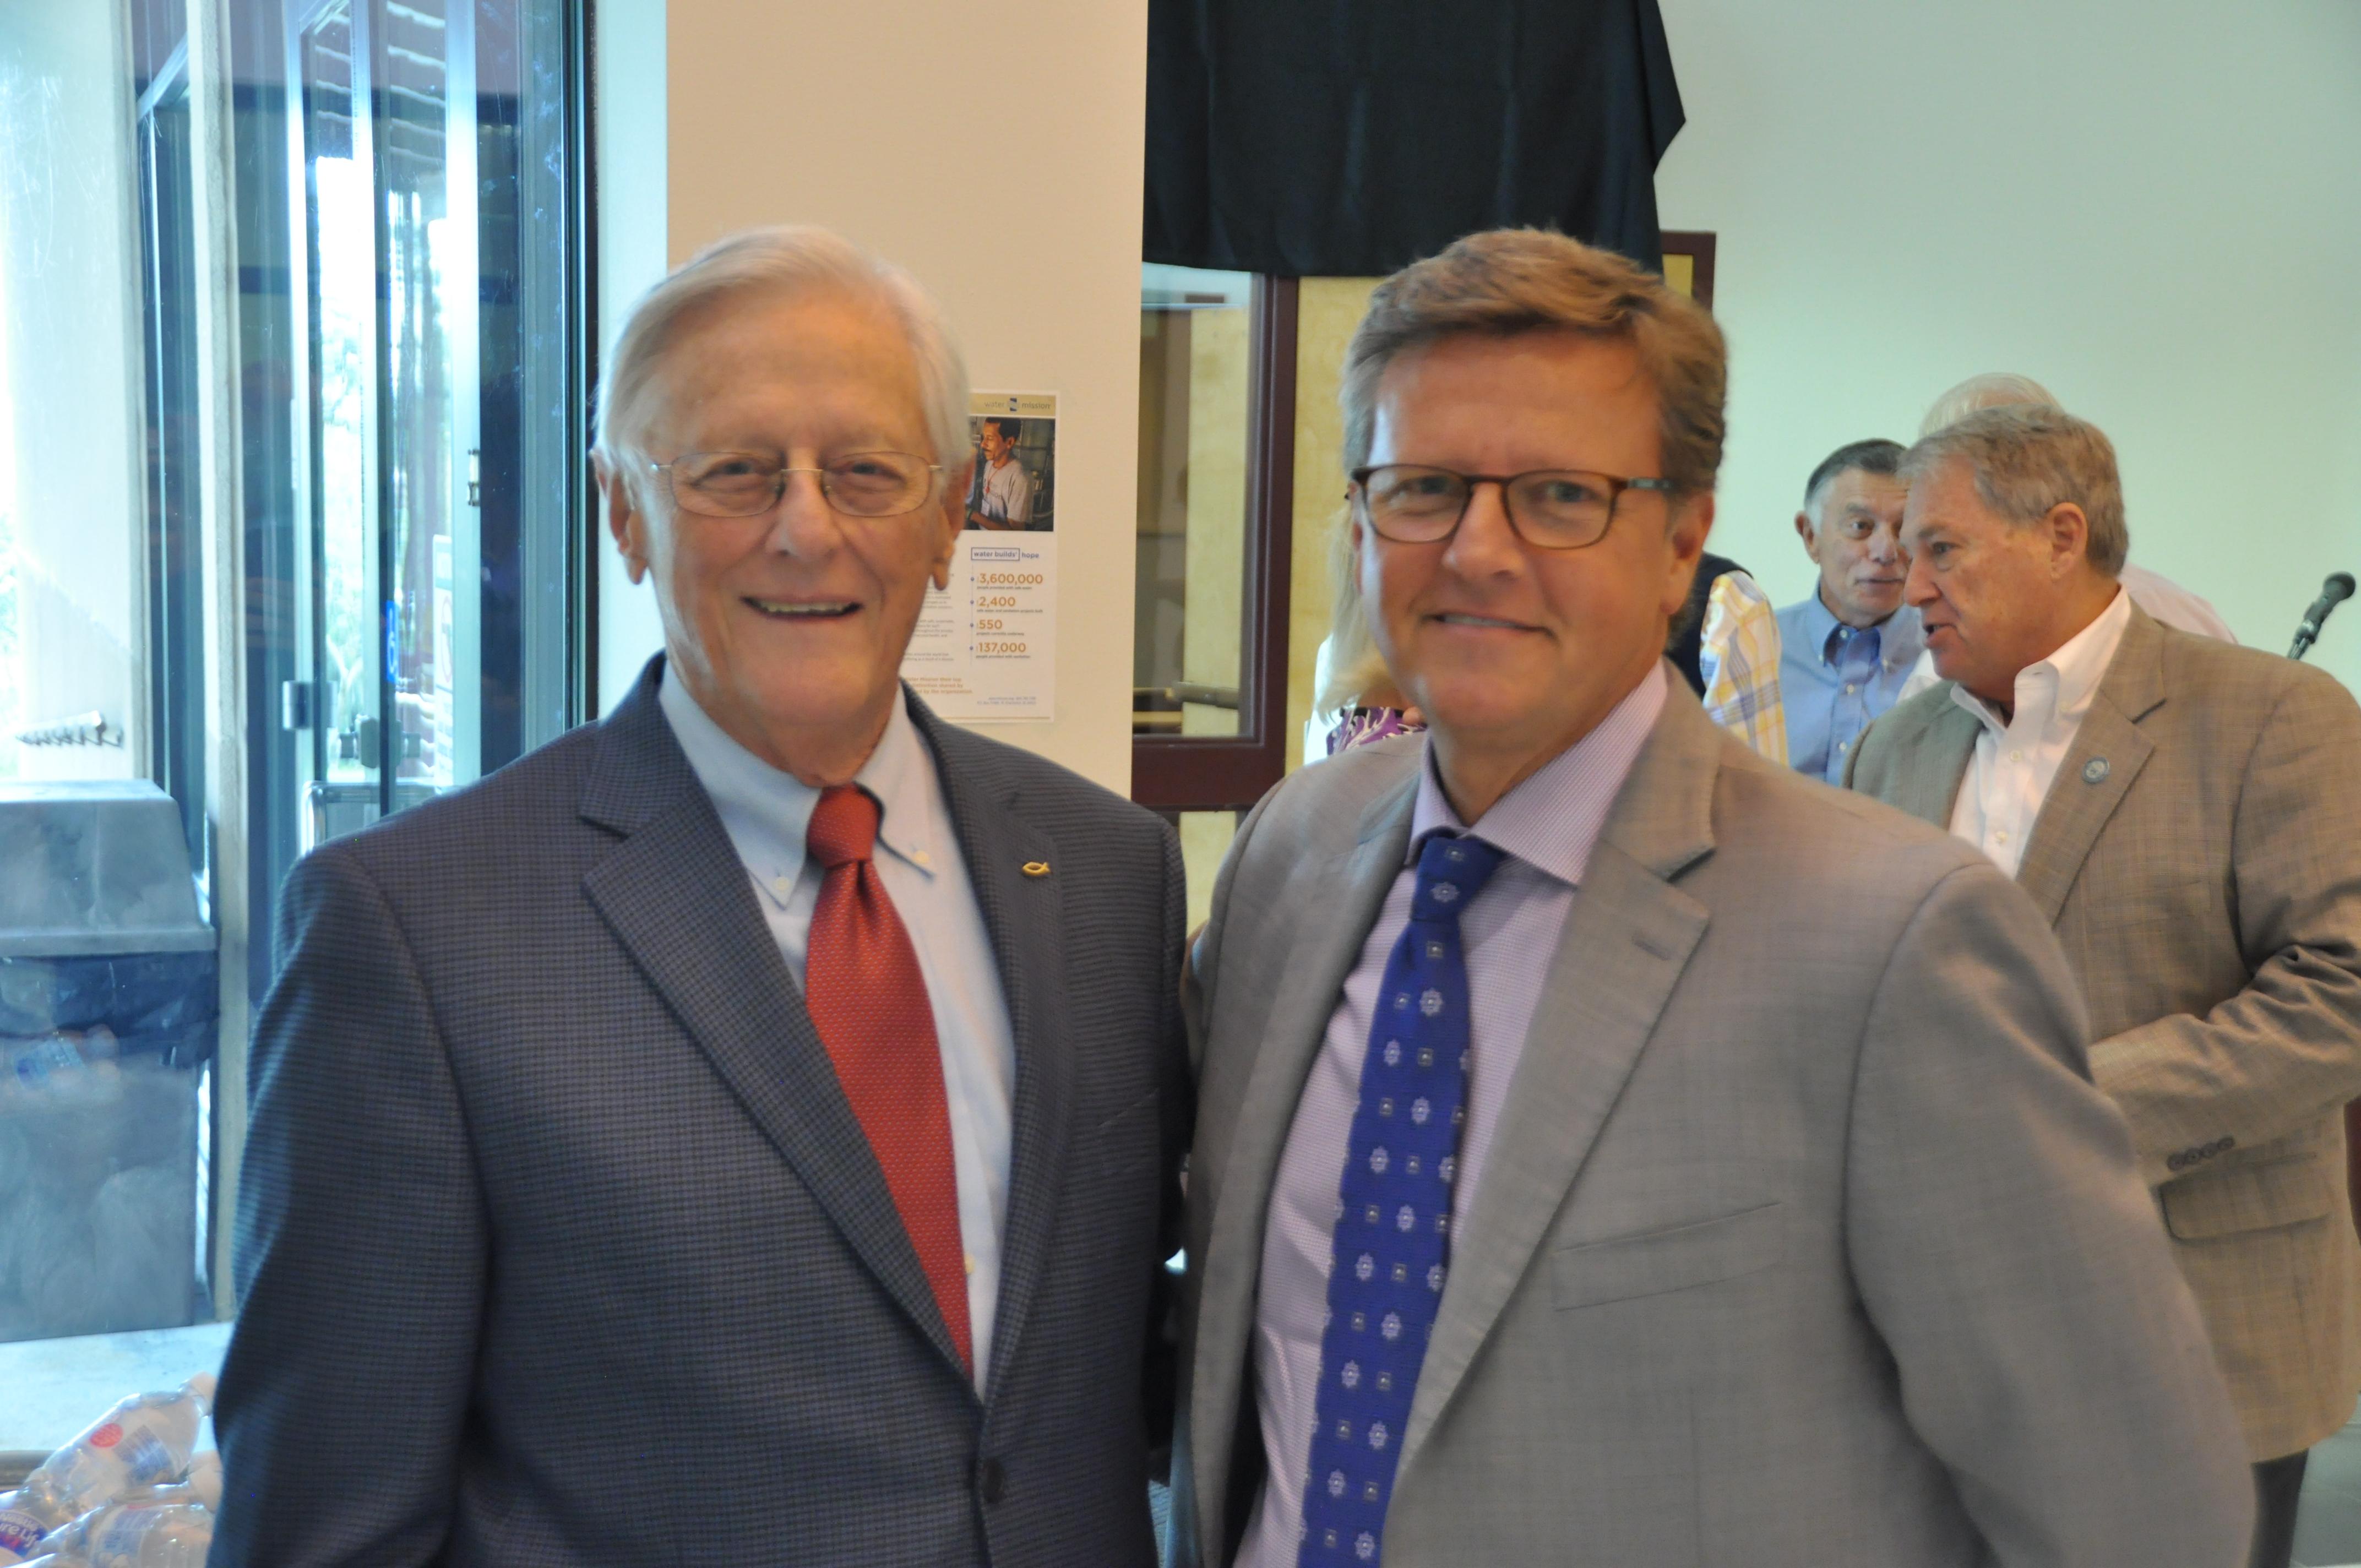 Dr. Charles Duvall & Steve Duvall